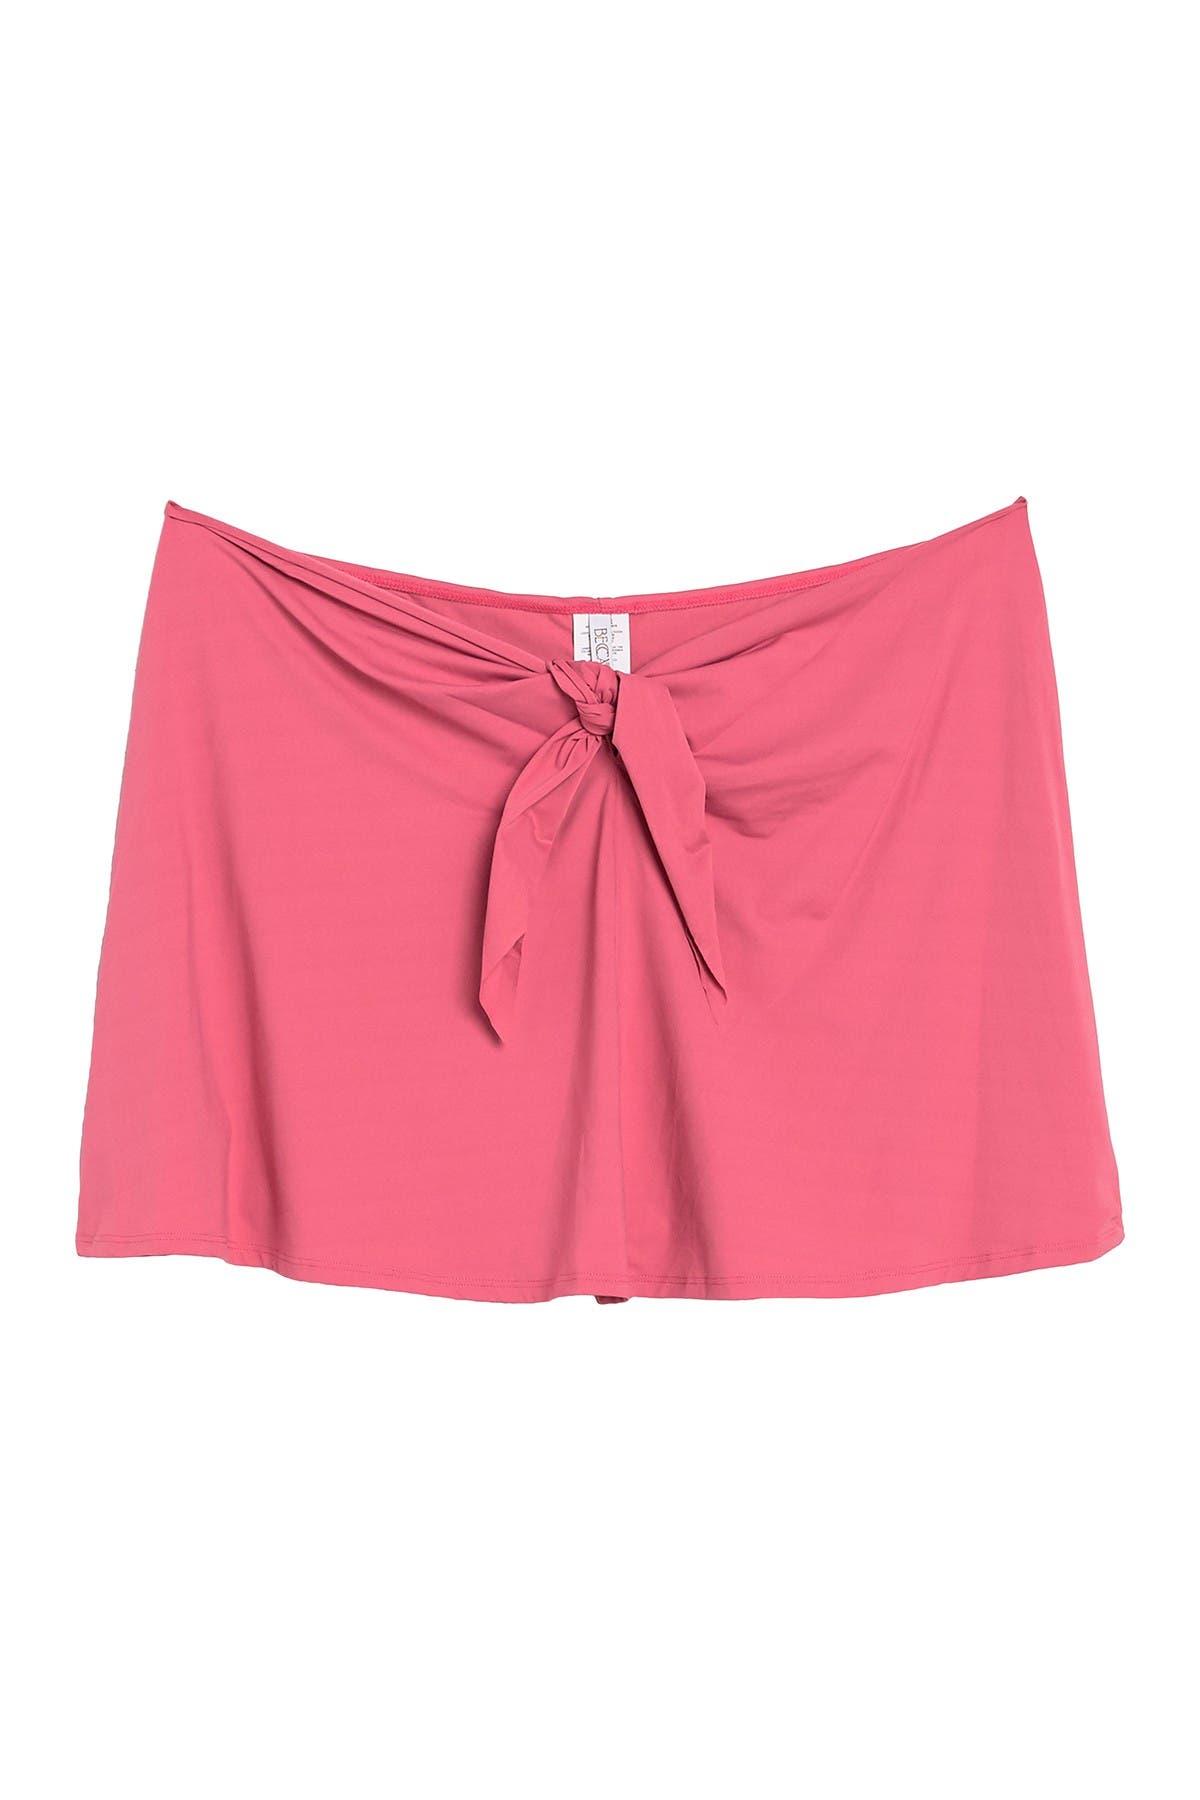 Image of BECCA Sarong Skirt